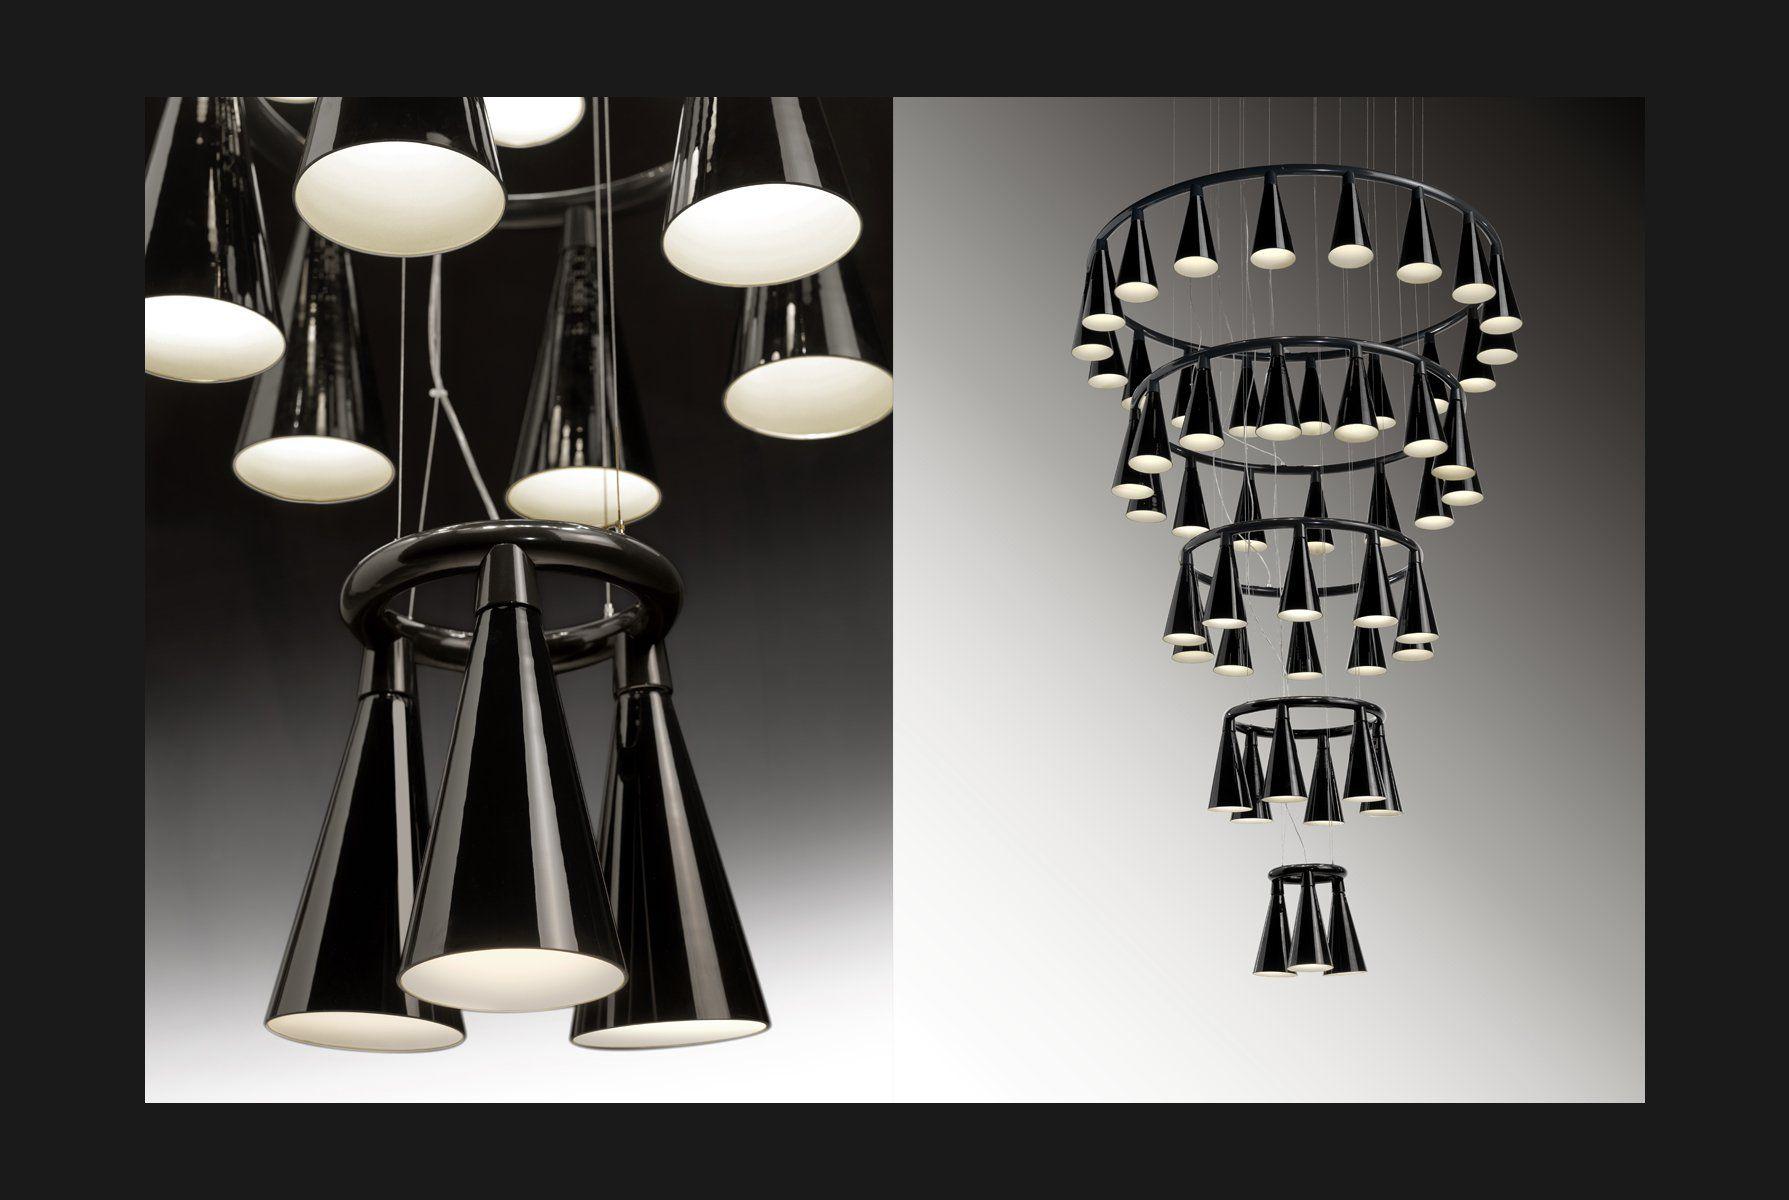 Passt Ideal zu Wandaufkleber /& Aufkleber Led Zeppelin Lampenschirme